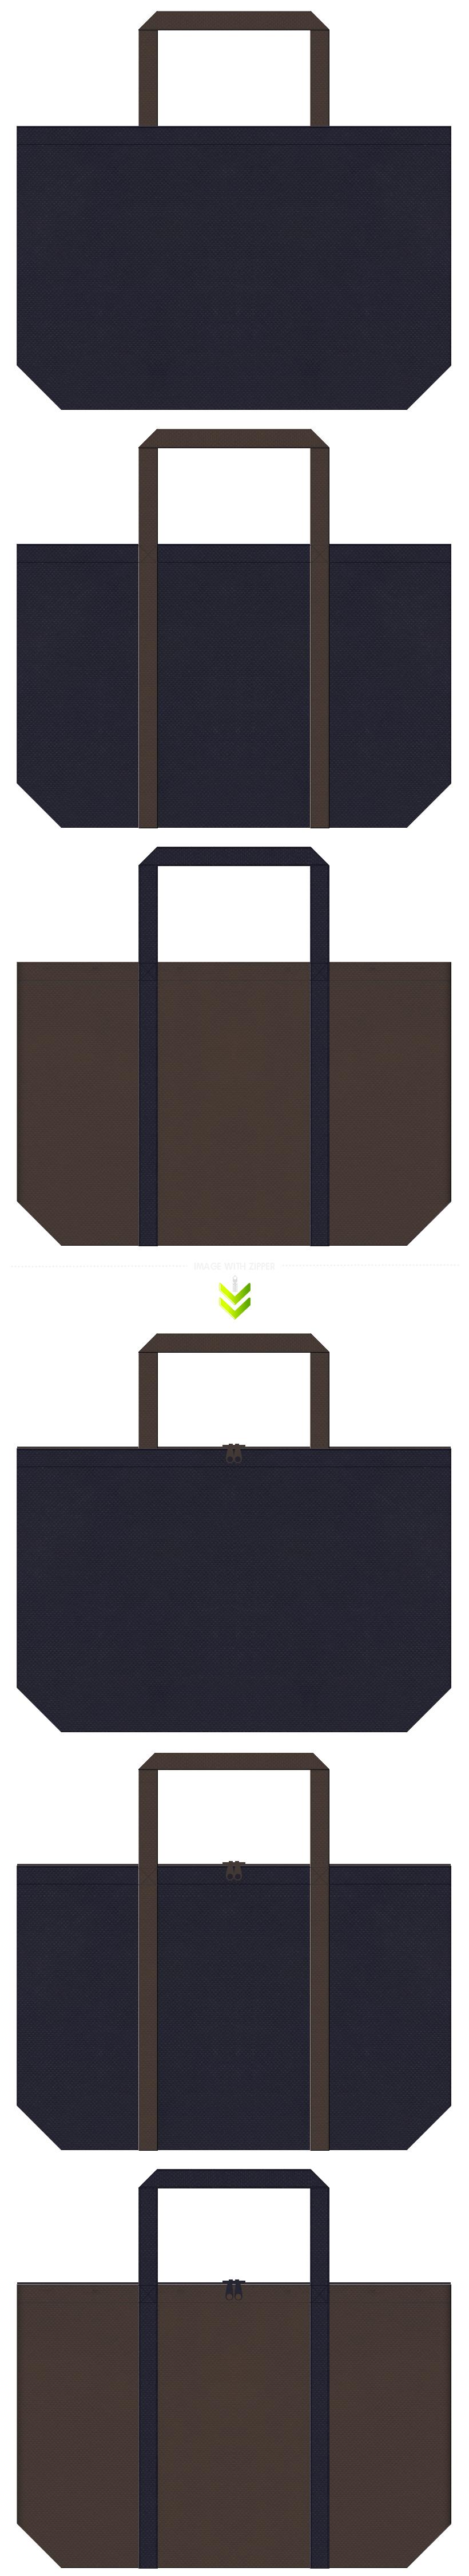 専門書・書店・秋冬ファッション・メンズファッション・デニム・ウェスタン・革製品・アクセサリー・廃屋・地下牢・迷路・ホラー・ミステリー・ACT・STG・FTG・ゲームの展示会用バッグにお奨めの不織布バッグデザイン:濃紺色とこげ茶色のコーデ